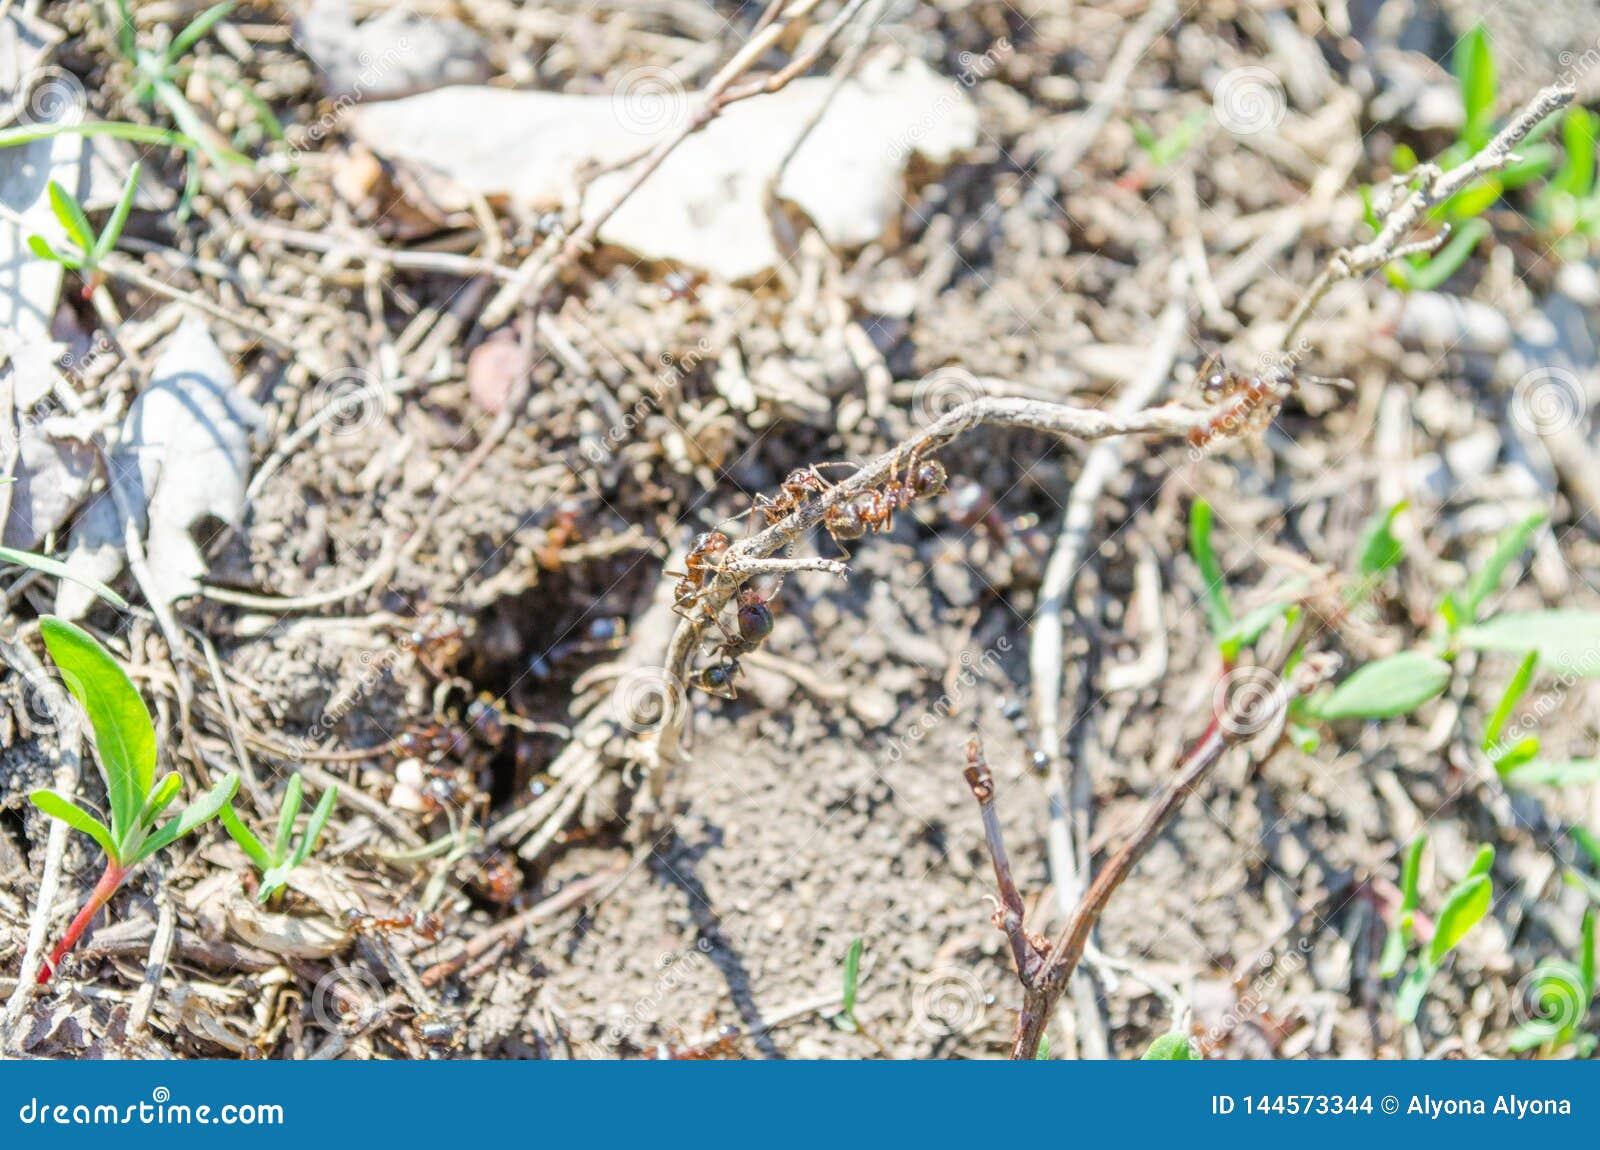 Ekologia Miasto mieszkan?w parki Mieszkanowie gazony insekty Mr?wek mr?wki na trawie Zielona trawa i mr?wki anthill ziemia